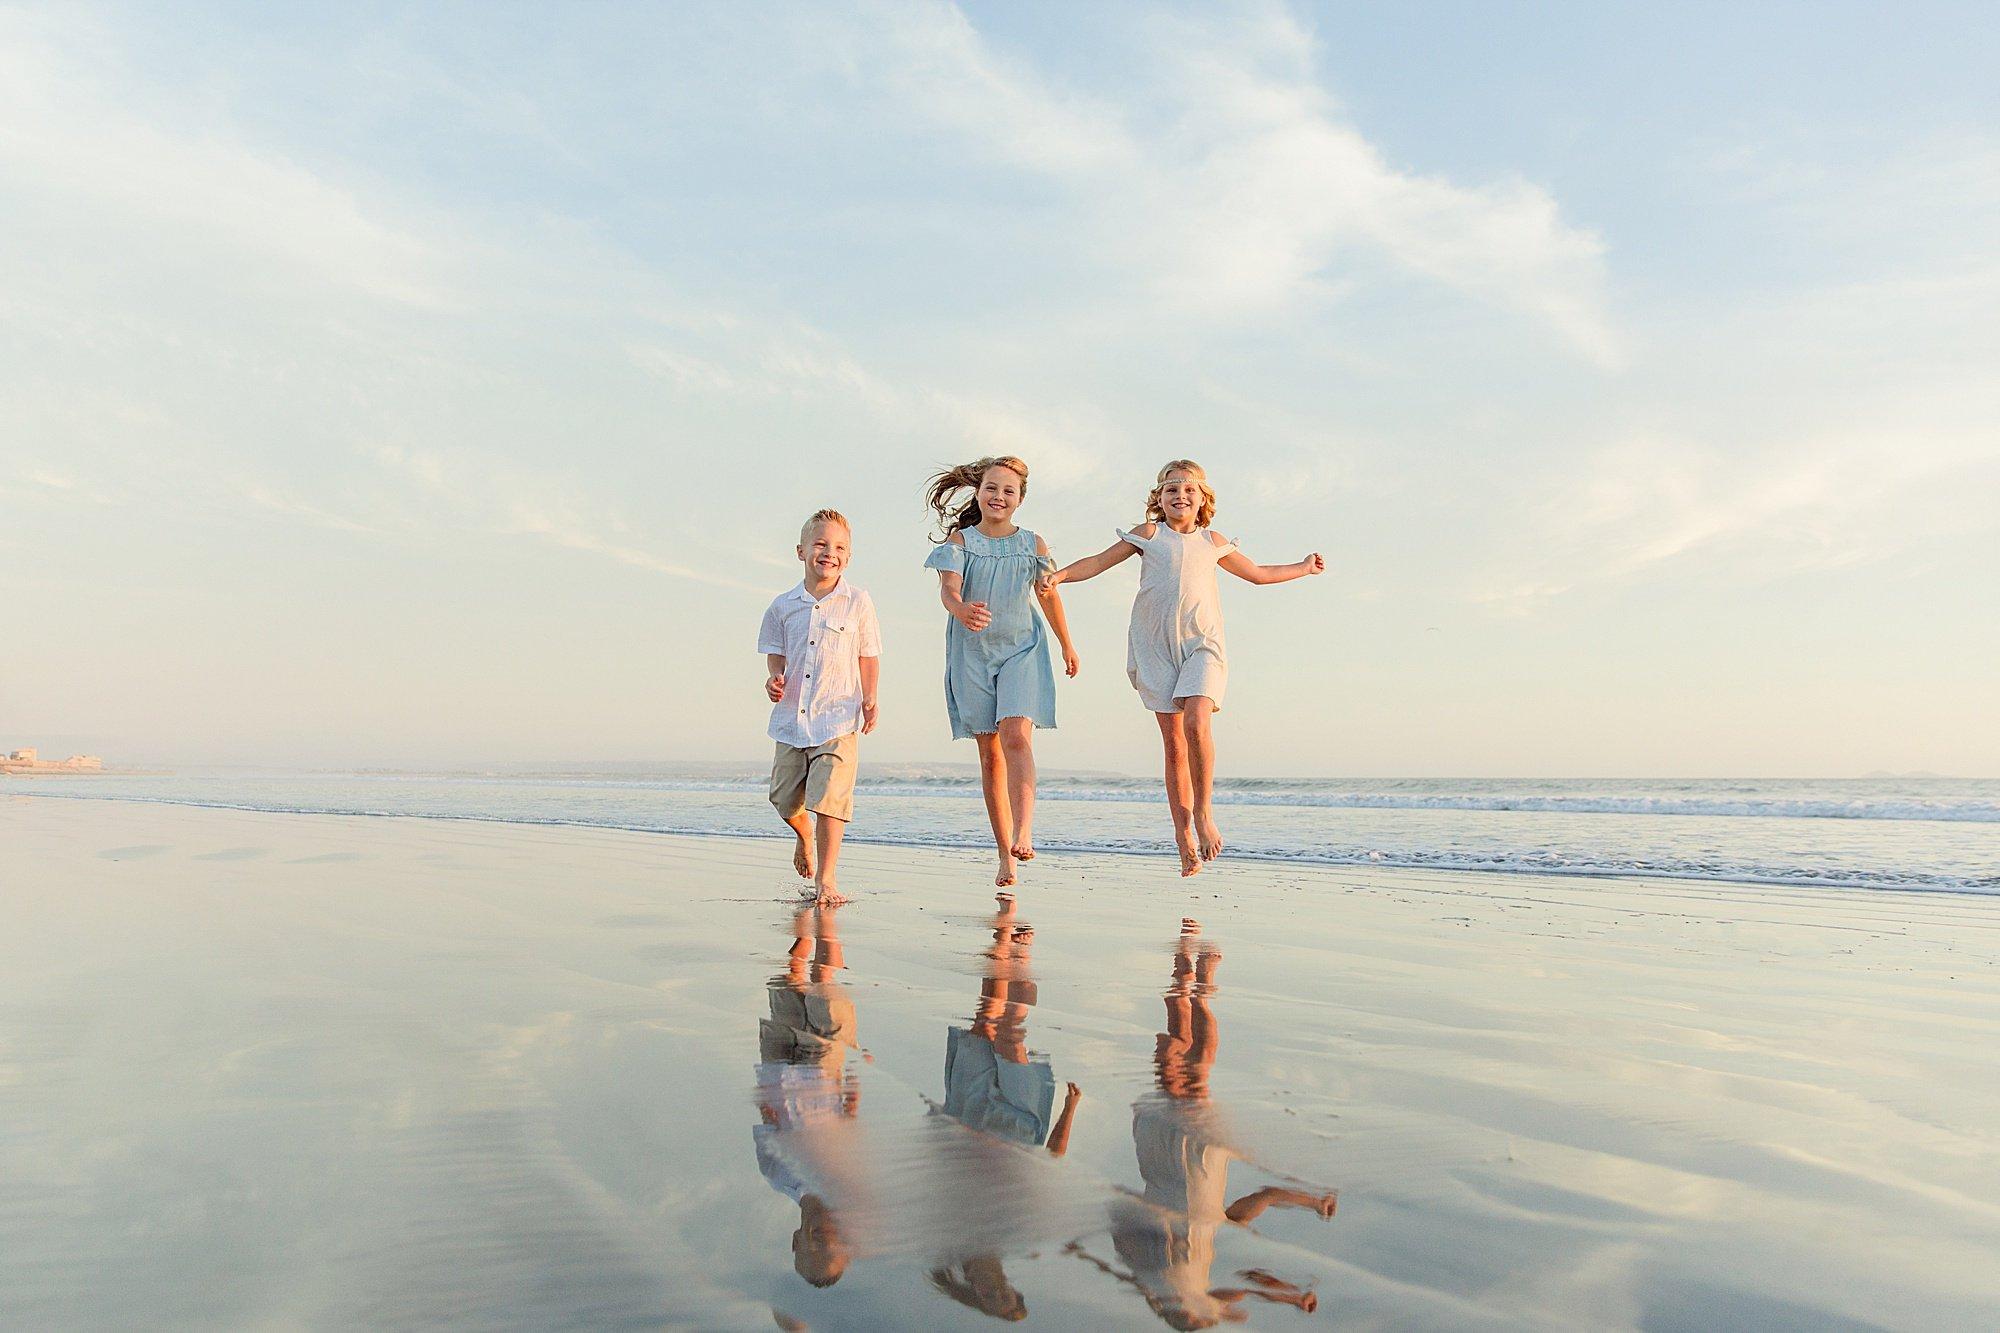 San Diego Family Photographer   San Diego Beach Photography